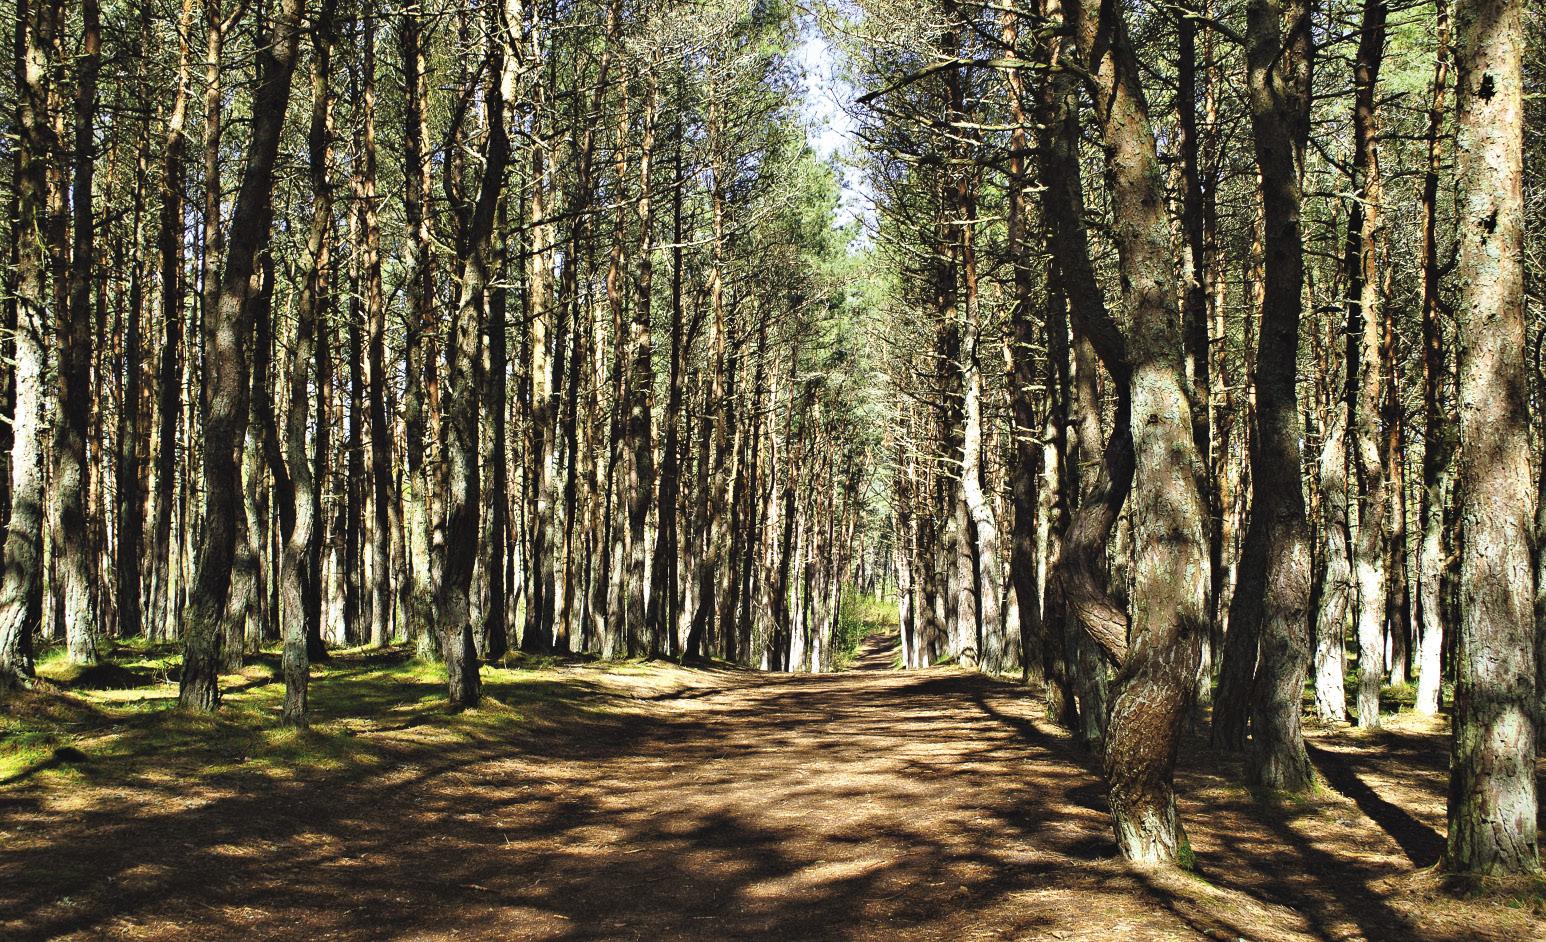 Таинственный Танцующий лес – маленький участок сосняка, высаженный на дюне Круглой в 1960-х.